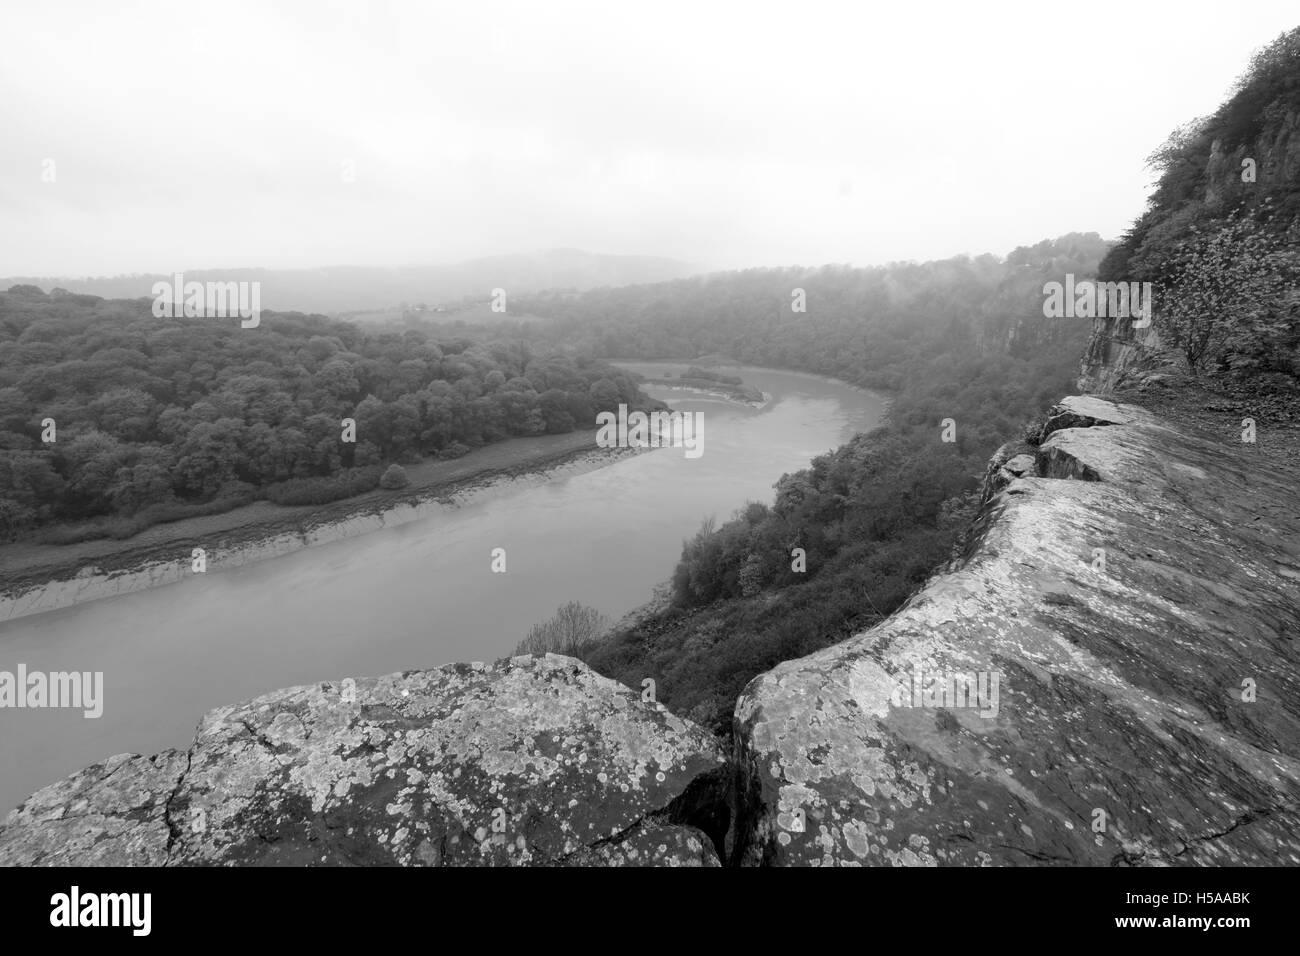 River Wye from Woodcroft Quarry, Woodcroft, Gloucestershire, England, UK - Stock Image